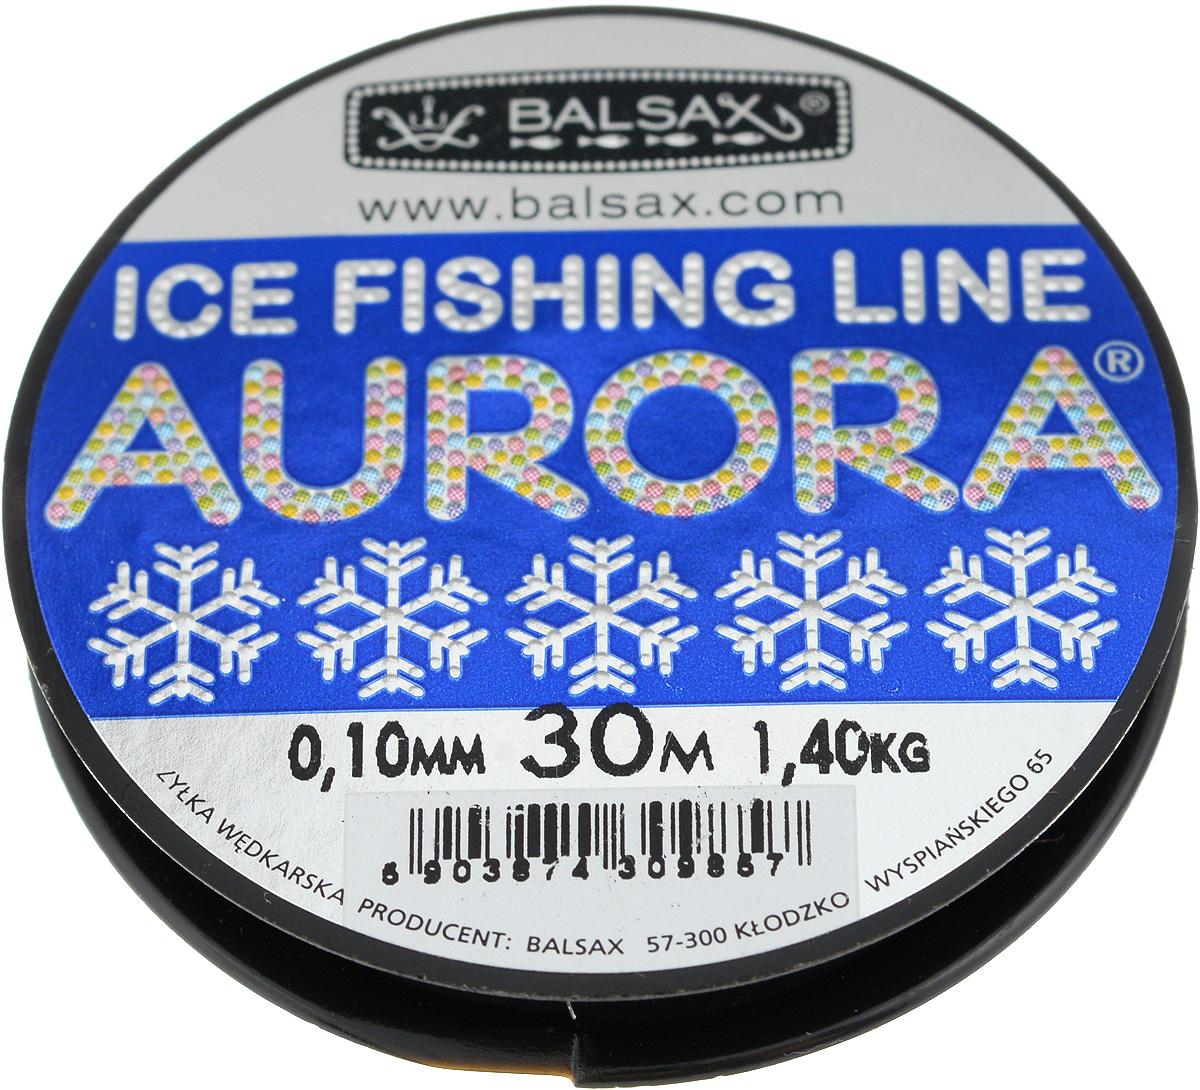 Леска зимняя Balsax Aurora, 30 м, 0,10 мм, 1,4 кг0036418Леска Balsax Aurora изготовлена из 100% нейлона и очень хорошо выдерживает низкие температуры. Даже в самом холодном климате, при температуре вплоть до -40°C, она сохраняет свои свойства практически без изменений, в то время как традиционные лески становятся менее эластичными и теряют прочность.Поверхность лески обработана таким образом, что она не обмерзает и отлично подходит для подледного лова. Прочна в местах вязки узлов даже при минимальном диаметре.